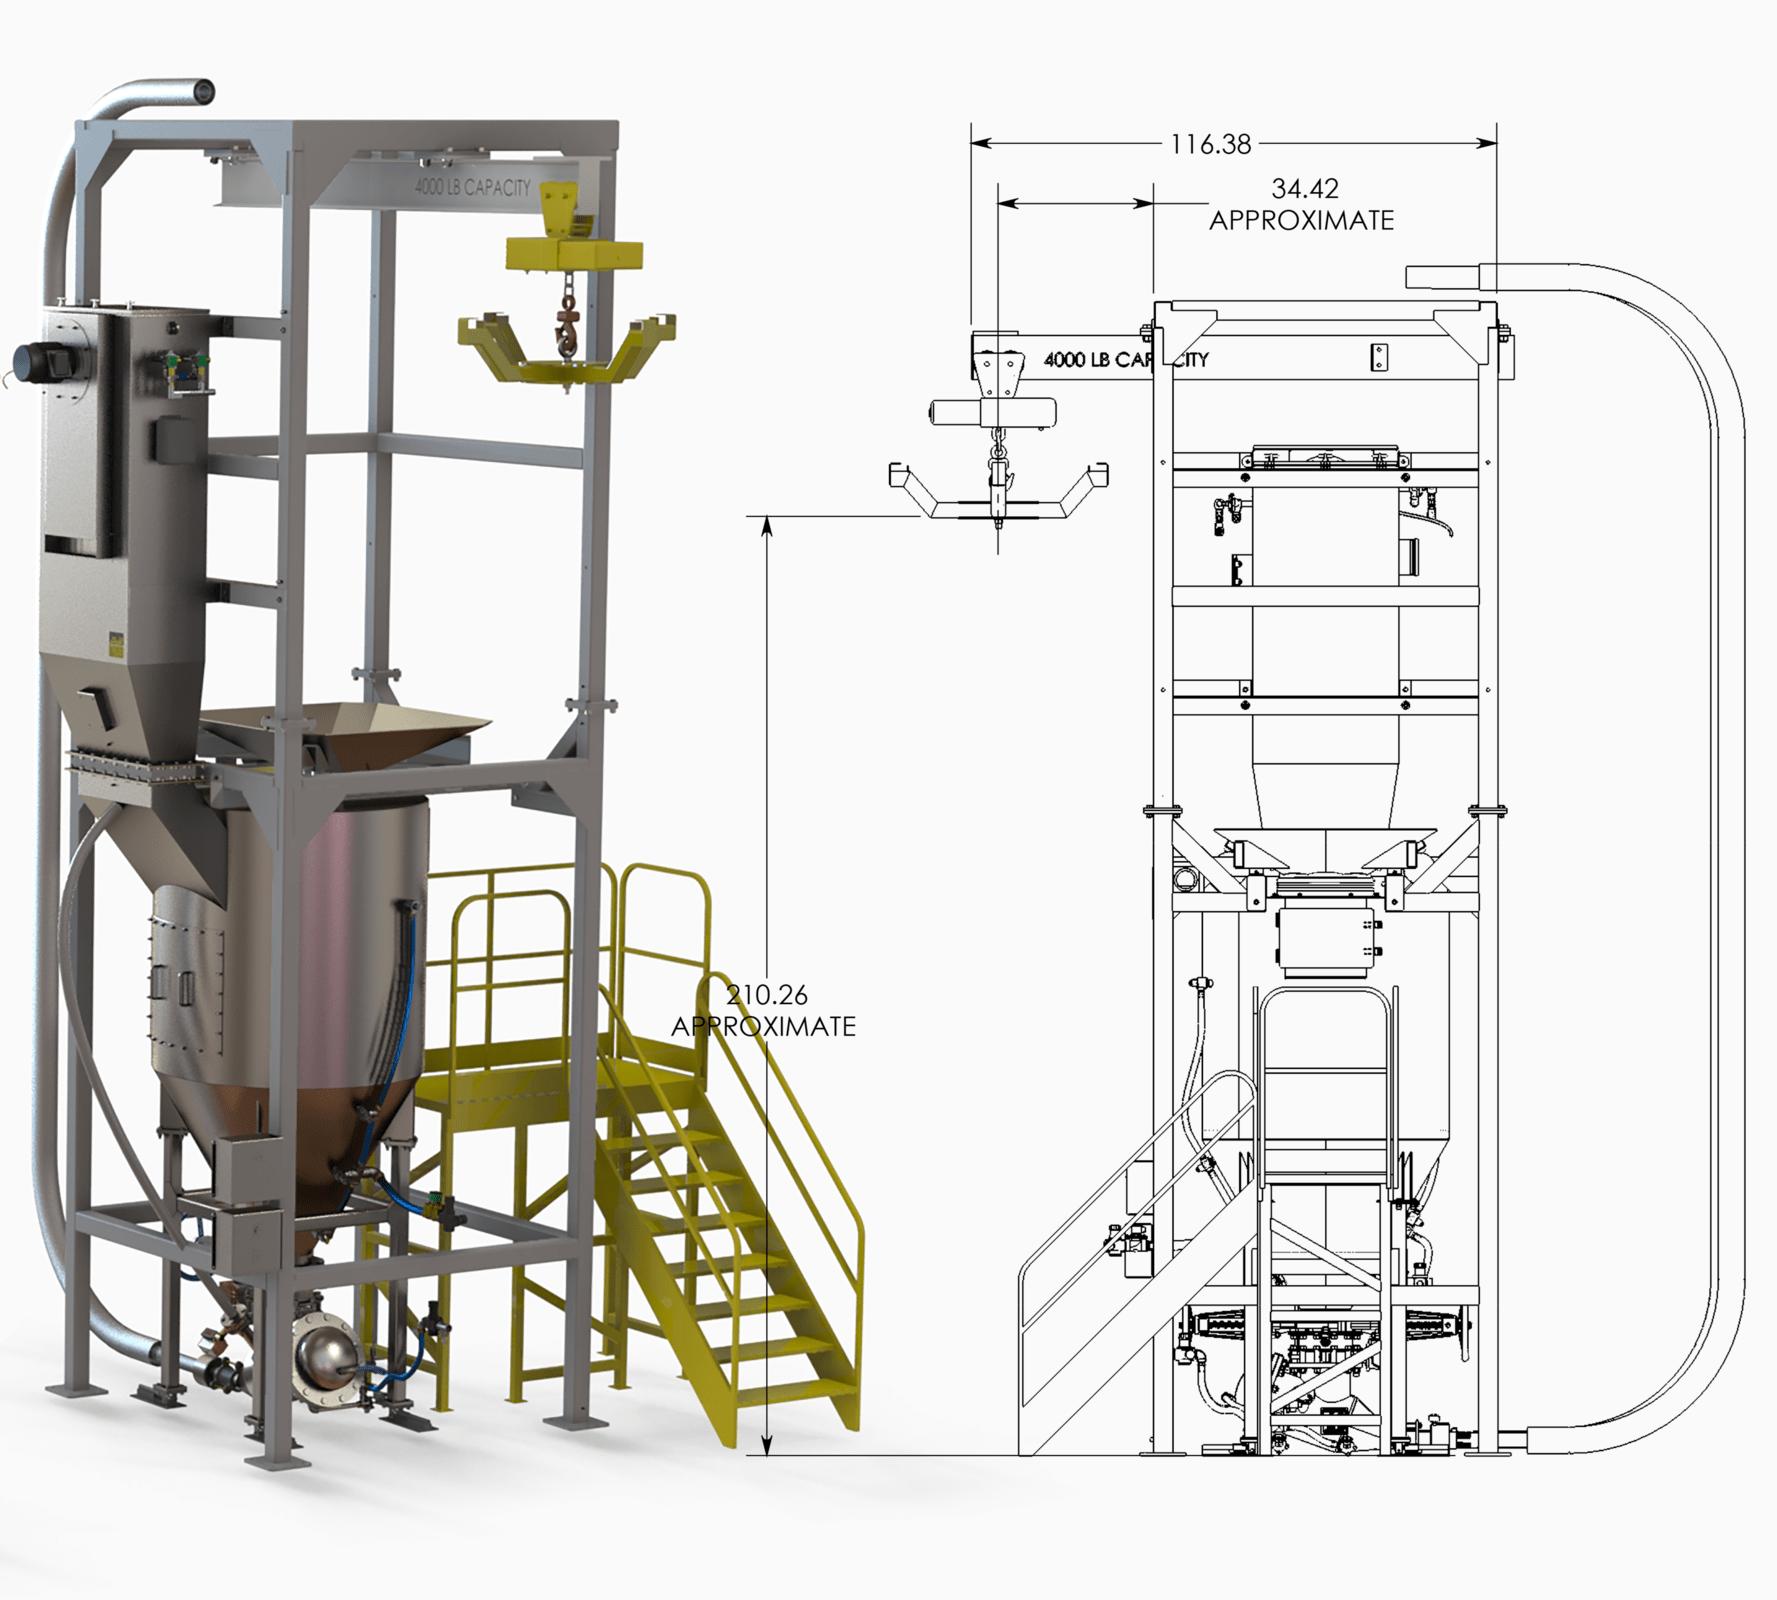 3D-Modell mit entsprechender 2D-Zeichnung